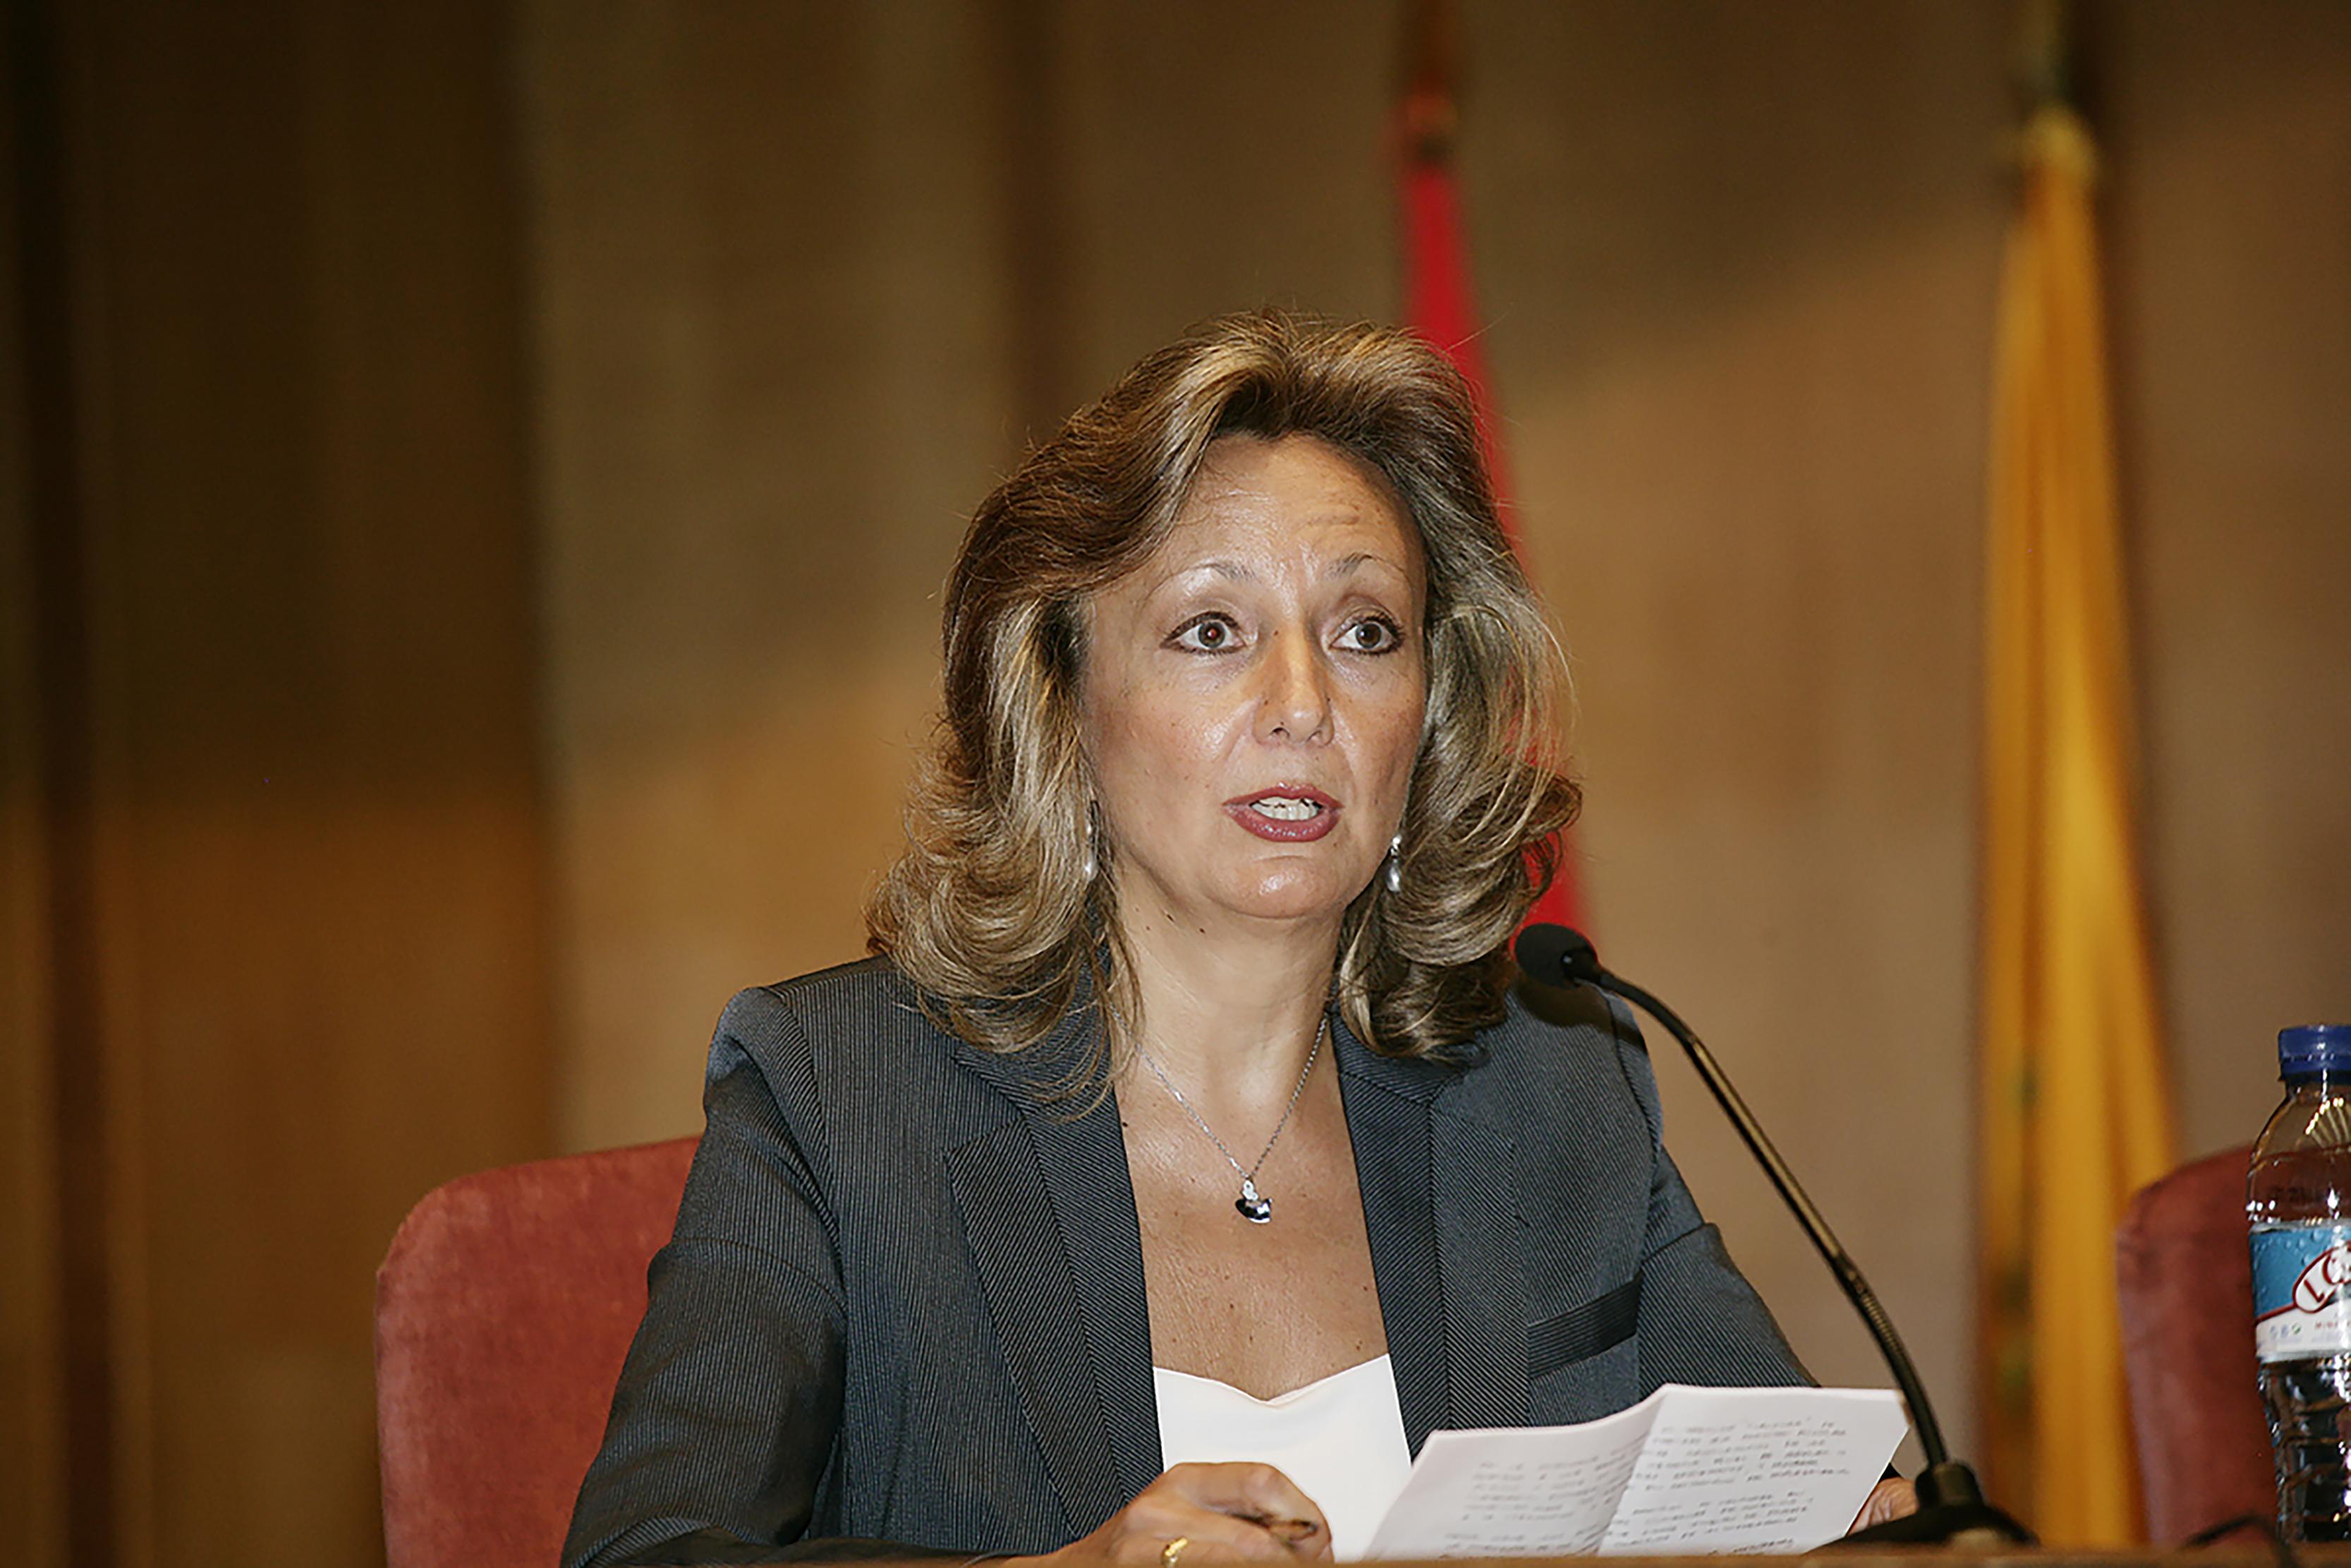 Lola Morales Dorado